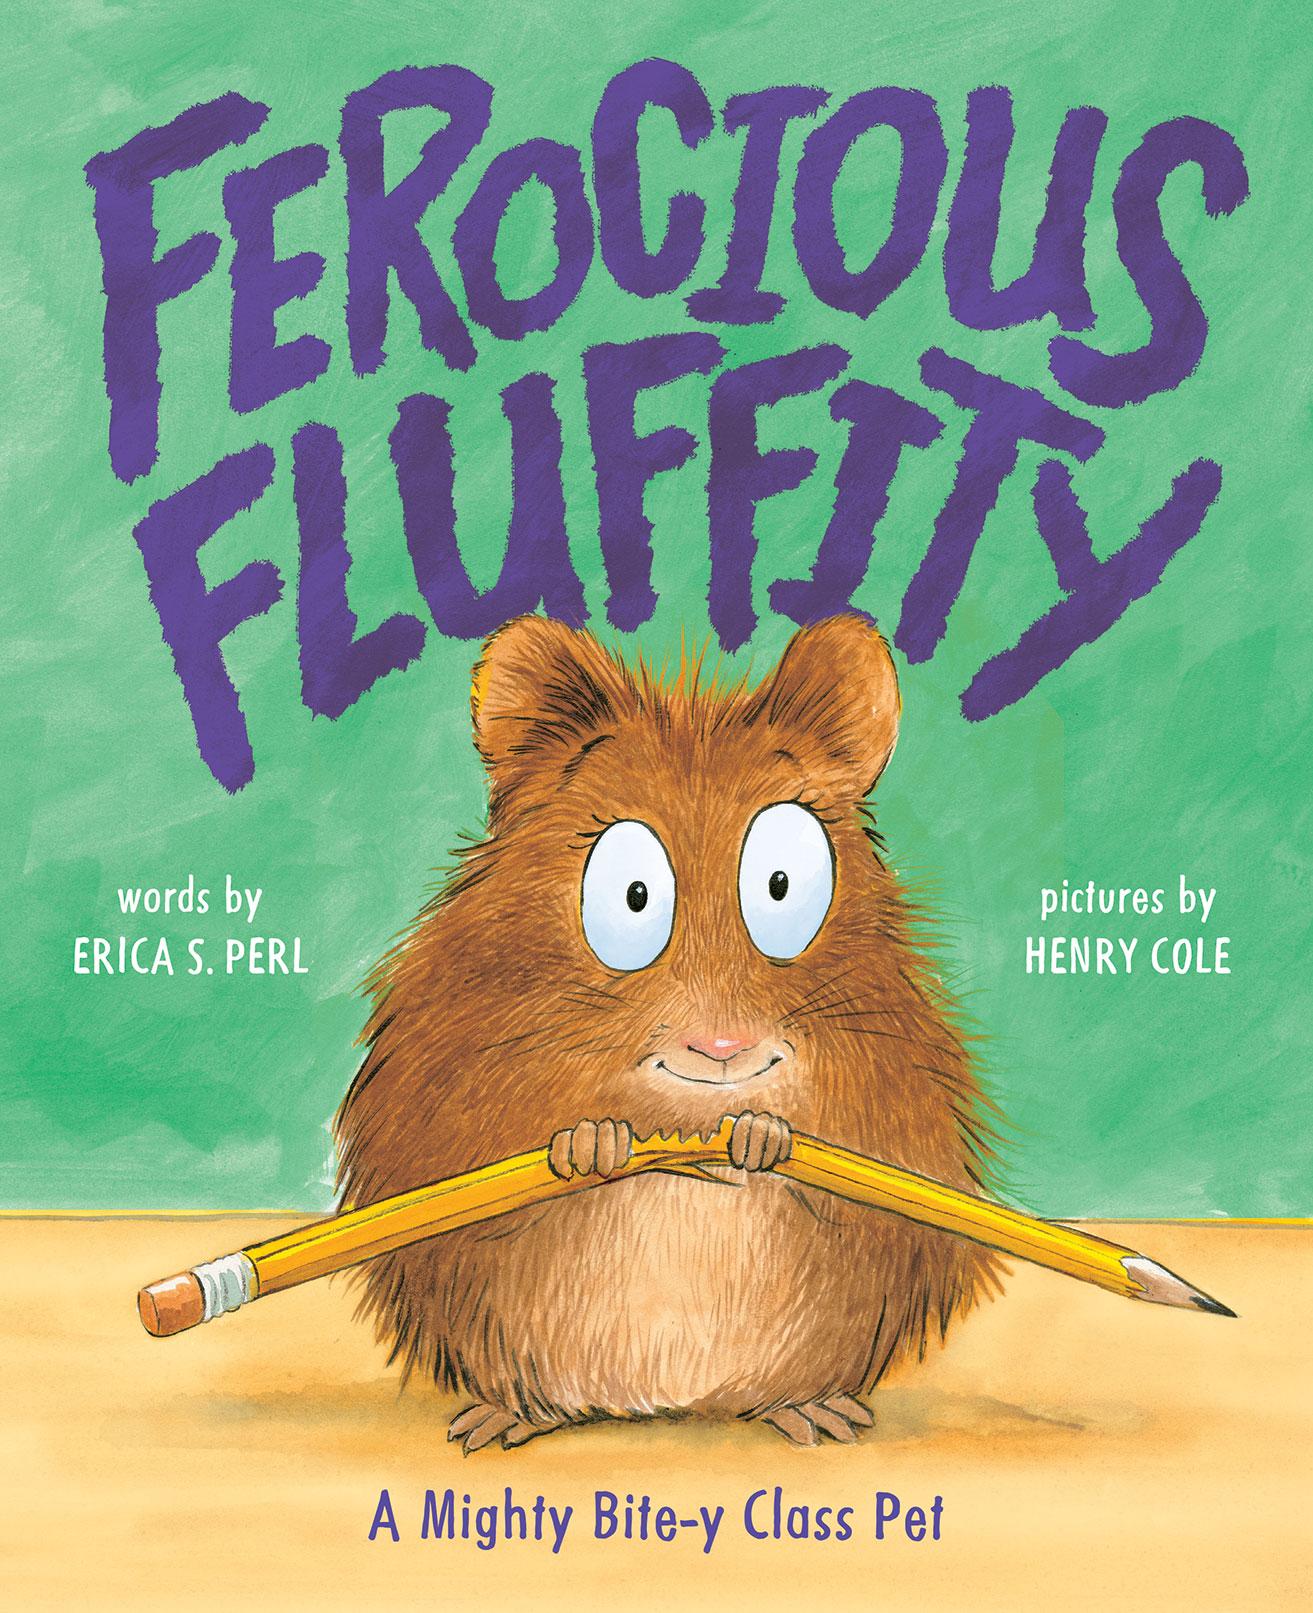 Ferocious Fluffy